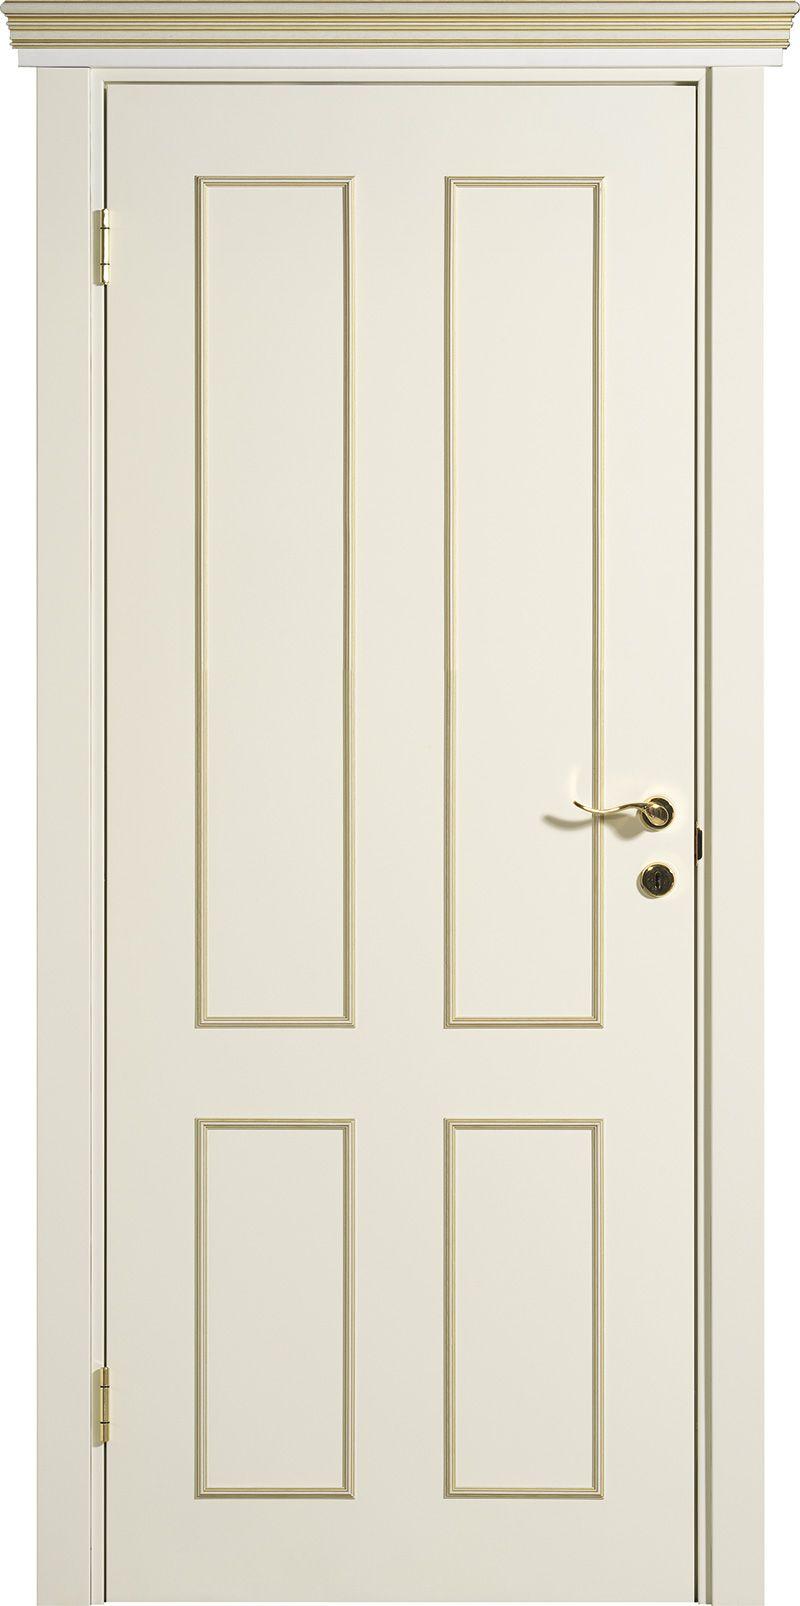 белые матовые межкомнатные двери Palladio 120 с позолоченными